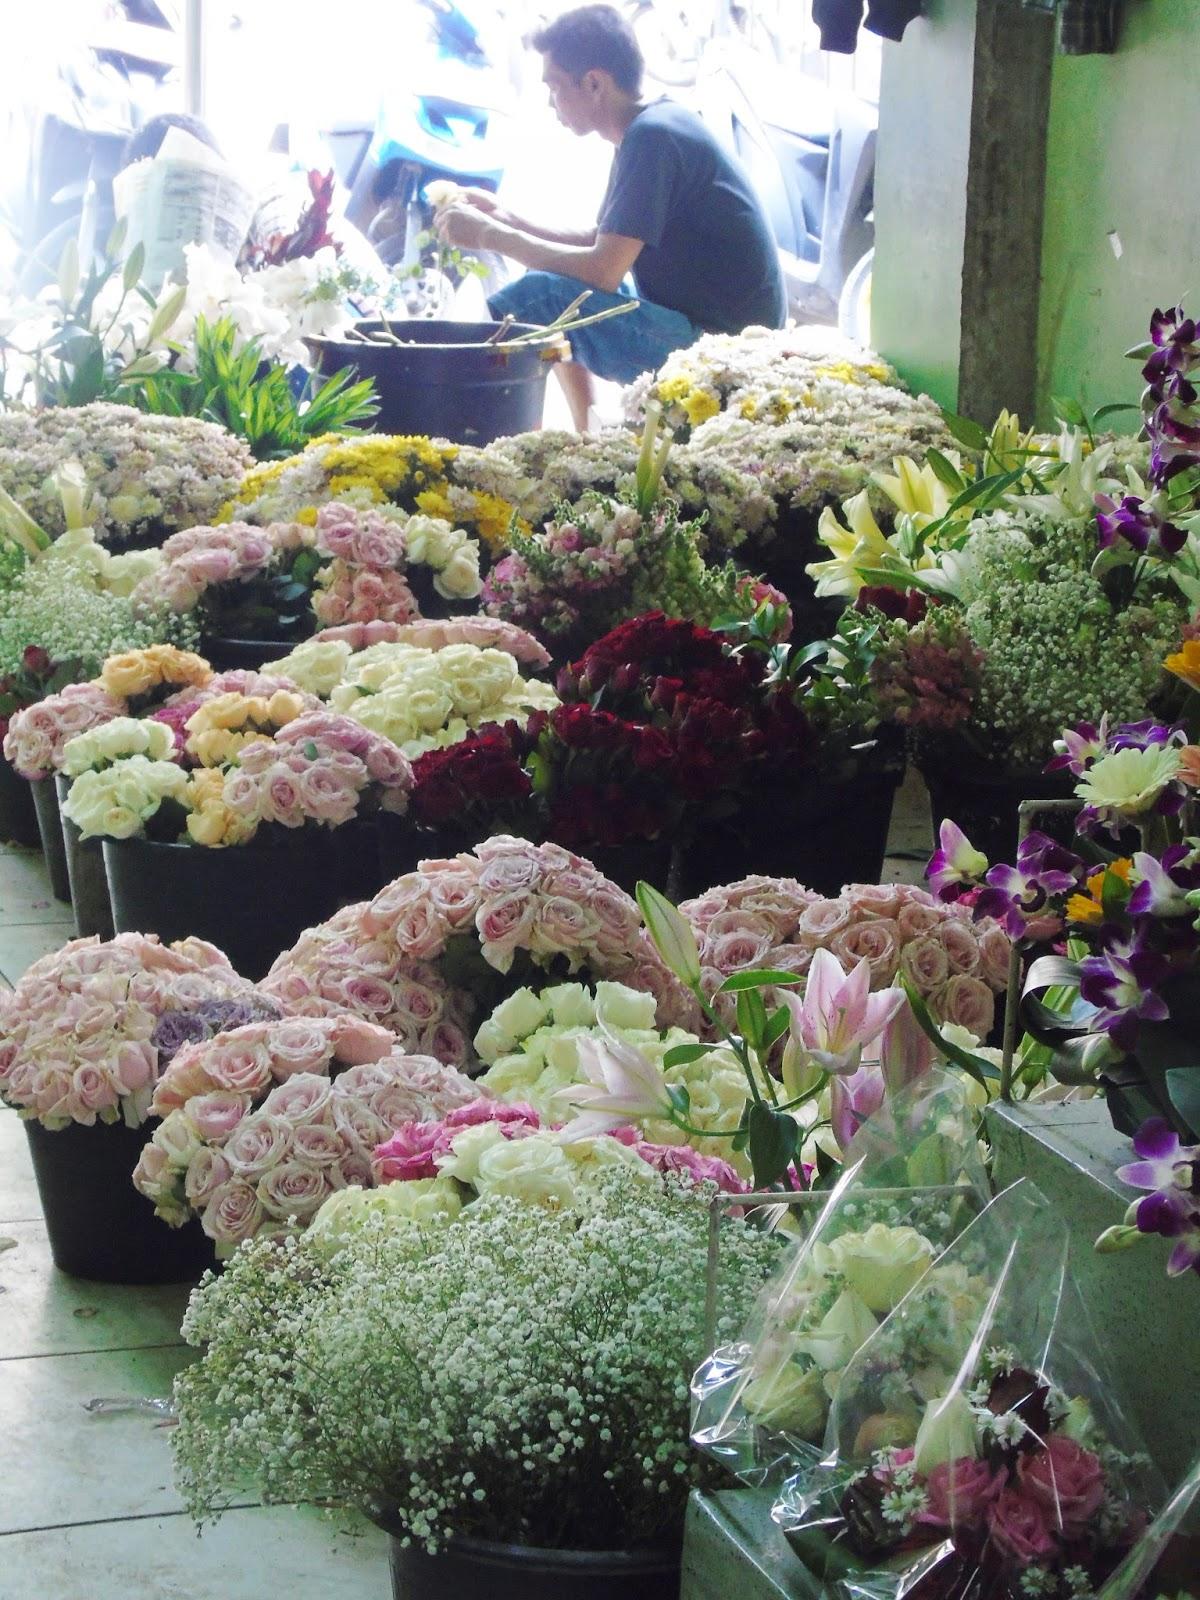 Moms Story Rina Susanti Suatu Hari Di Pasar Bunga Rawa Belong Impor Duh Seger Banget Dan Rasanya Pengen Bawa Pulang Semua Itu Bungasi Kaka Pun Kebingungan Memilih Yang Mau Dibeli Karena Semuaaa